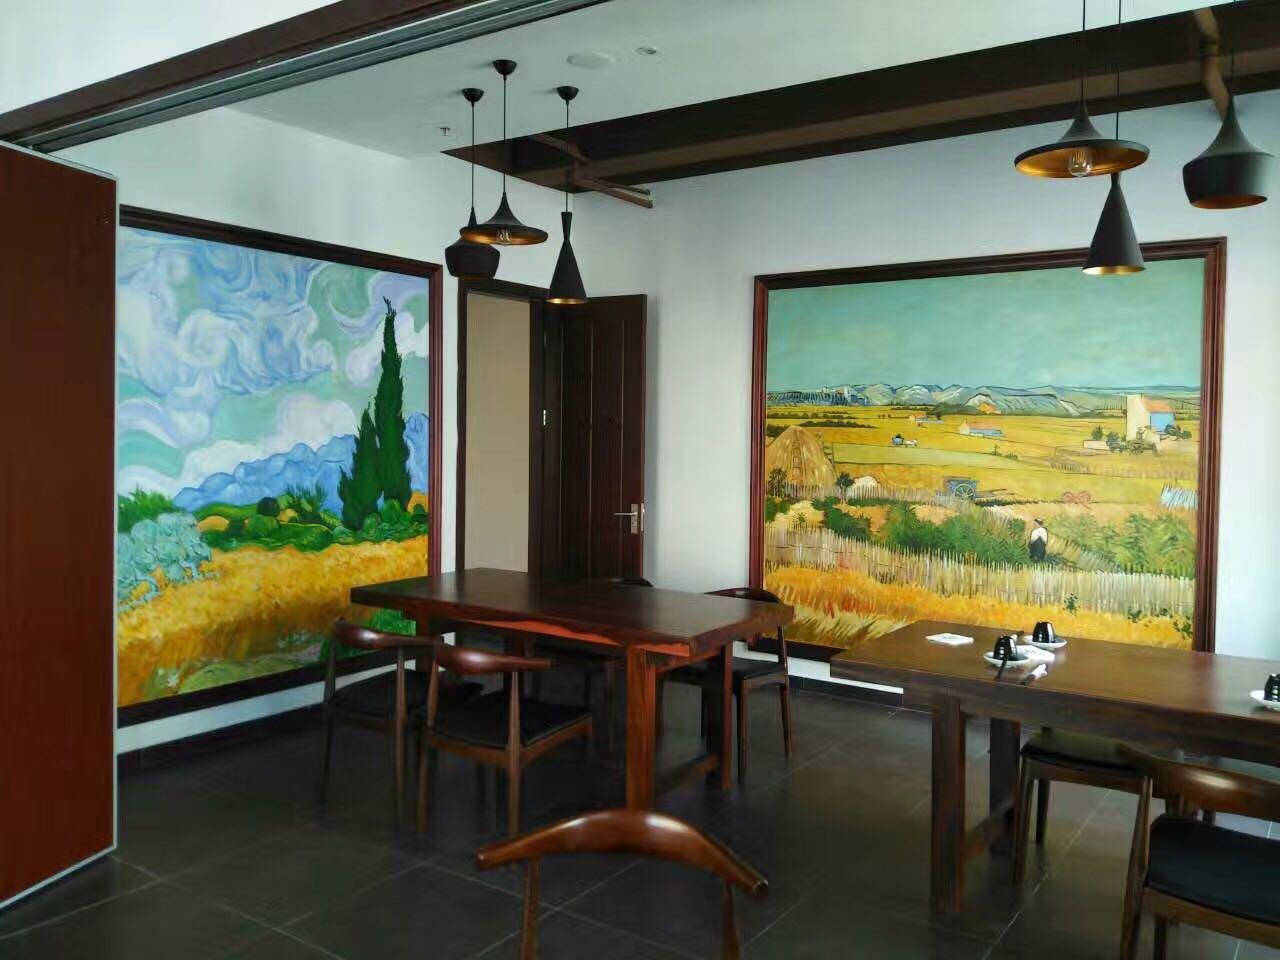 墙绘-油画